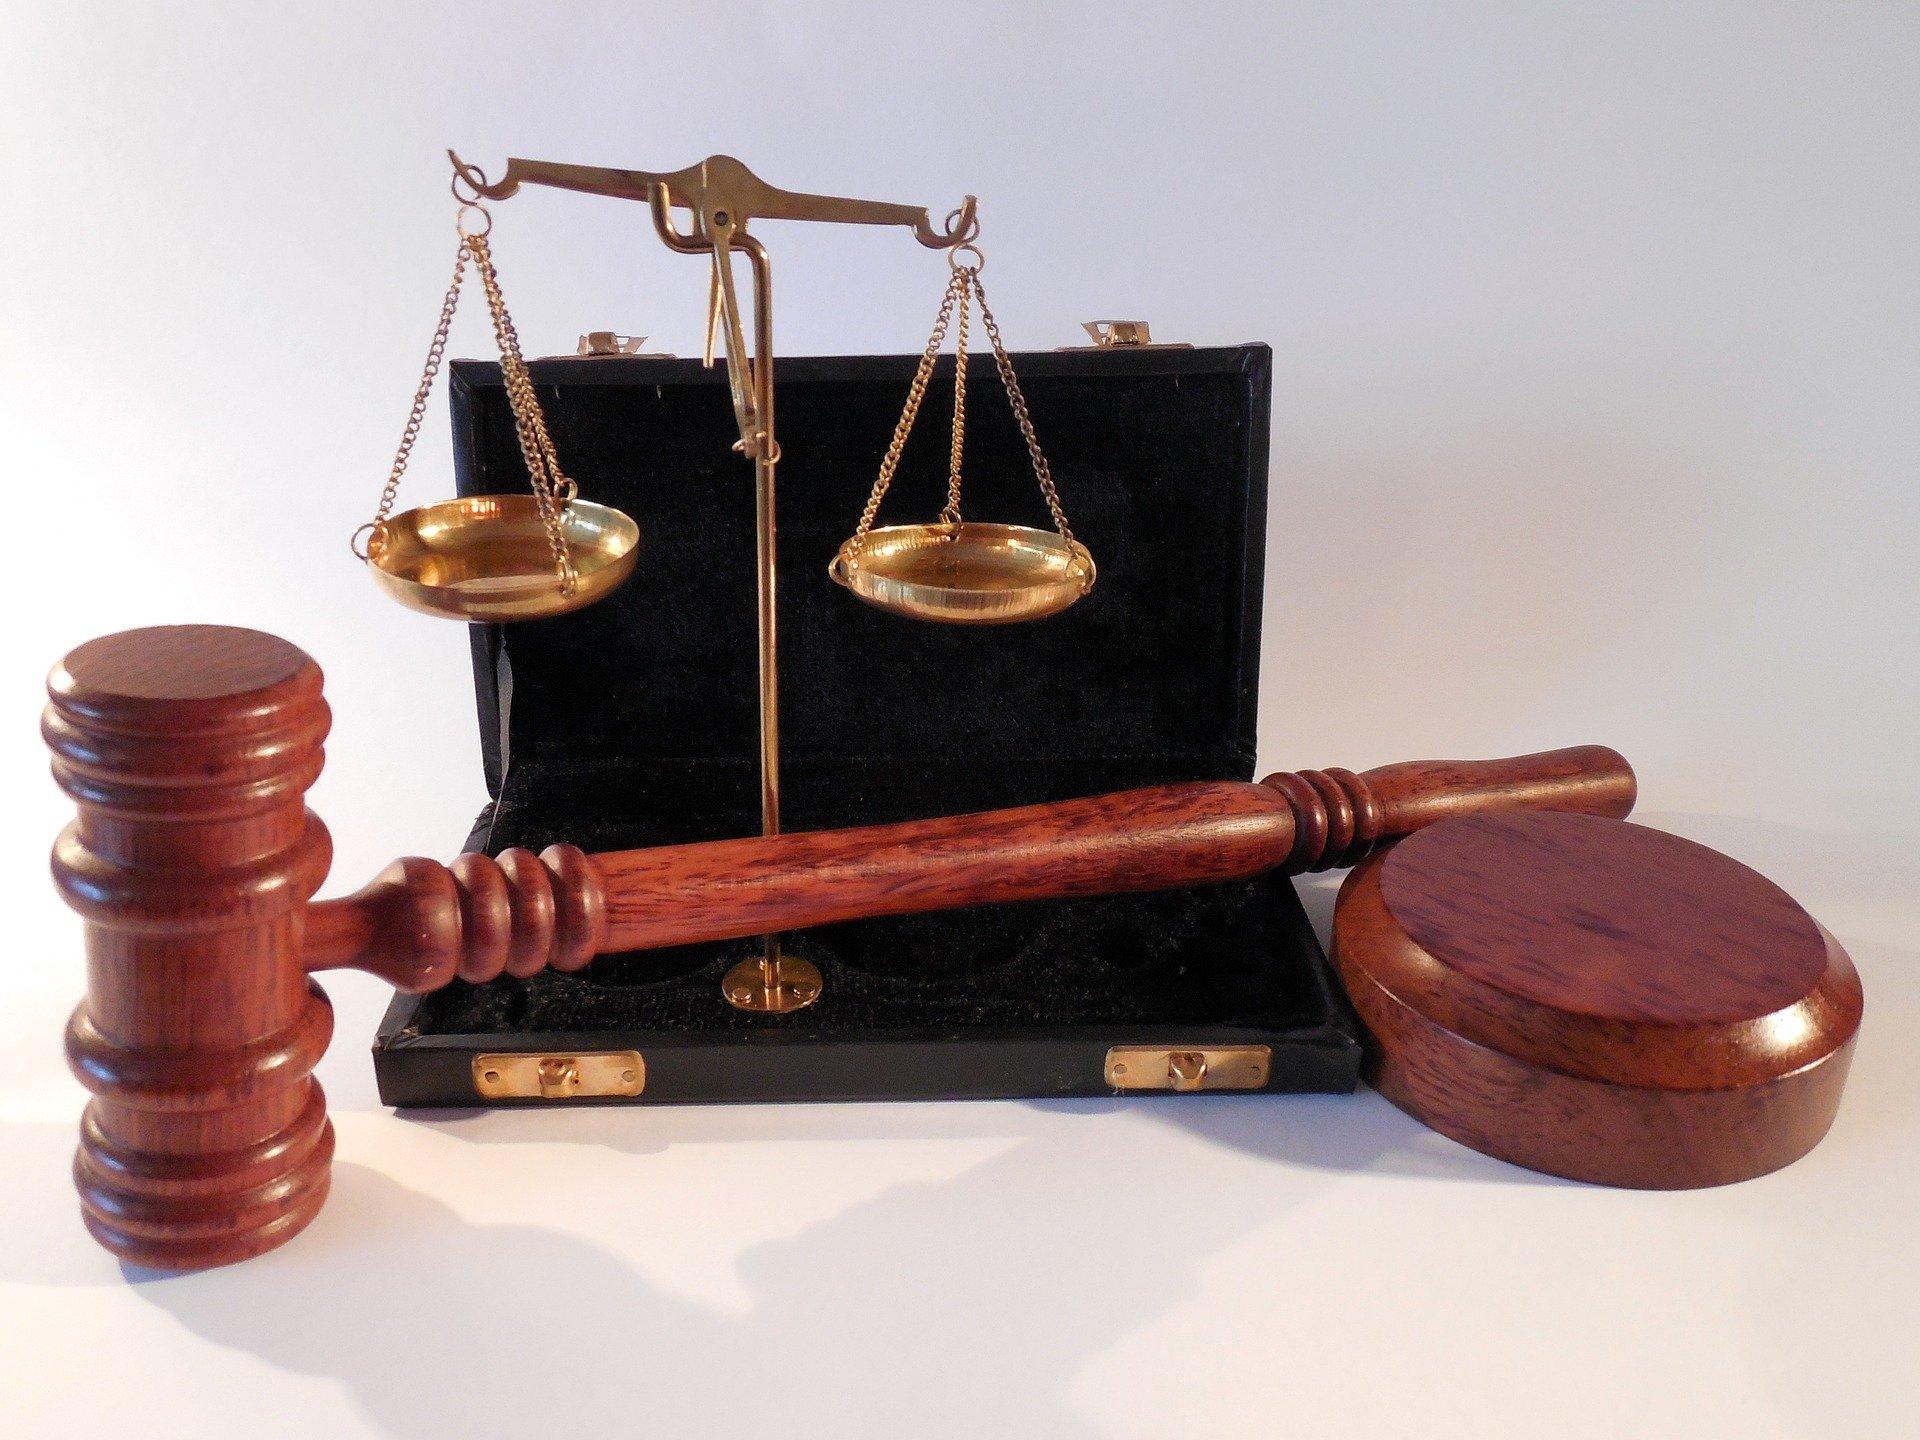 休職中に転職活動はしてもいい?違法性や事前に理解すべきポイントを解説の画像1